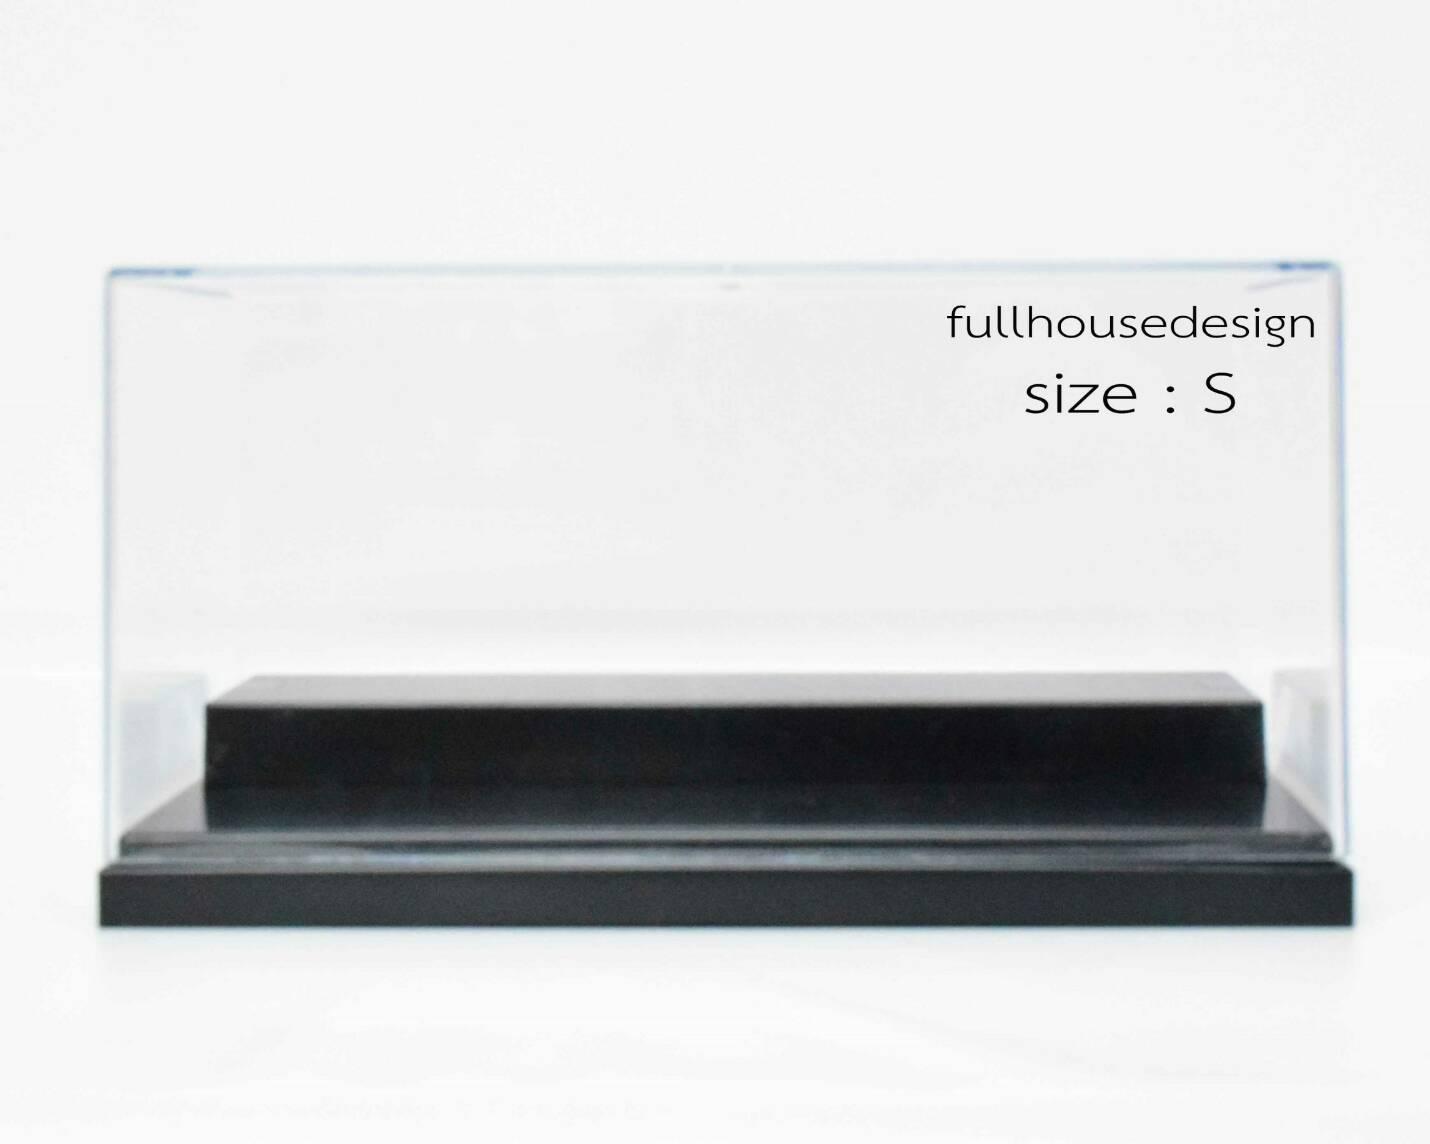 กล่องโมเดลอะคลีลิค ไซส์ S (9-0021)